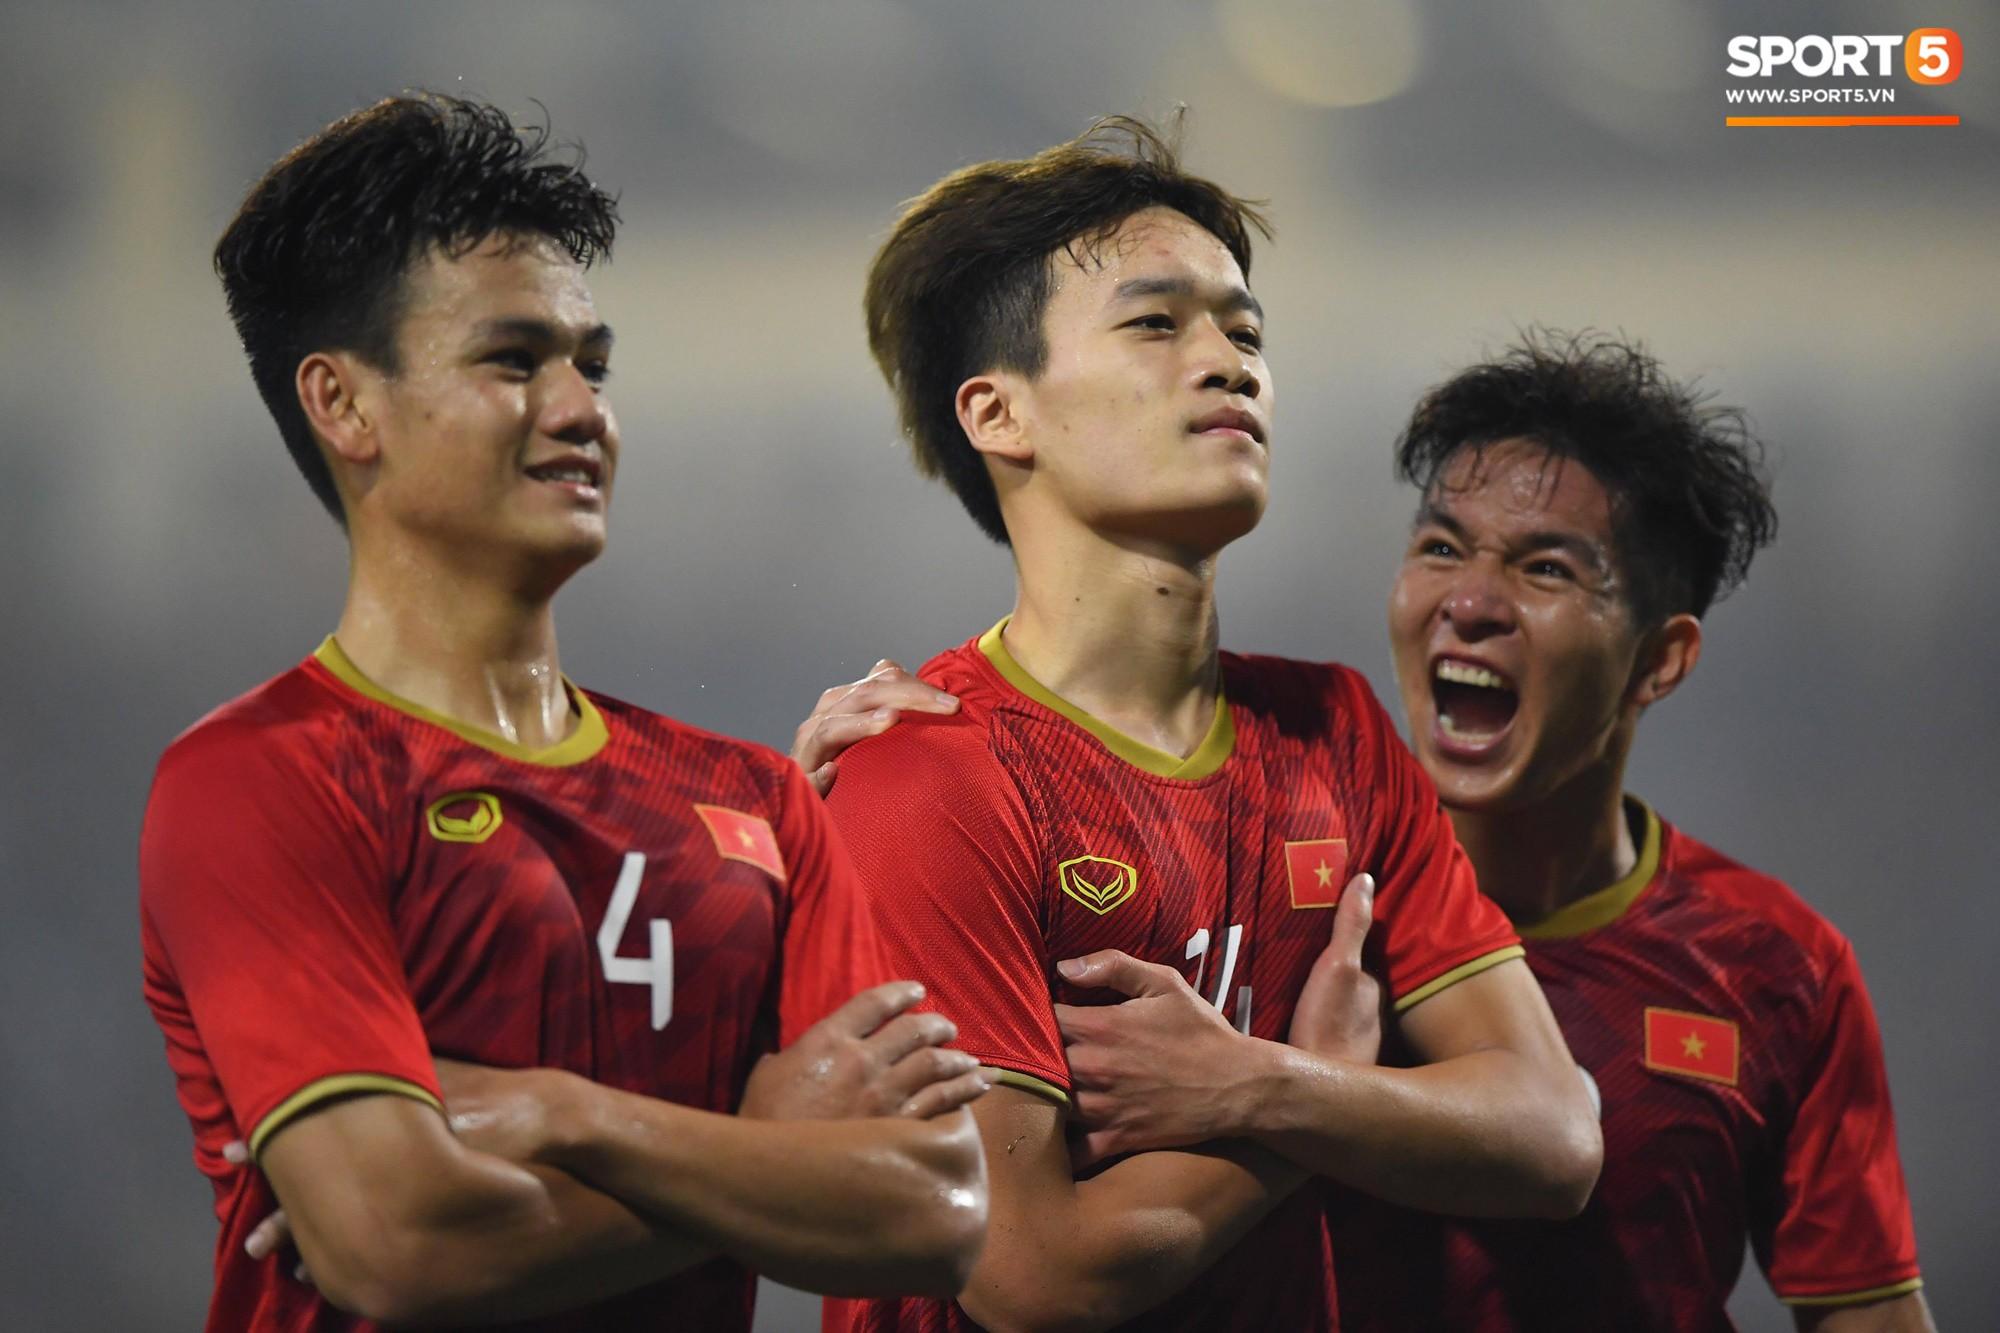 Những hình ảnh đẹp của chiến thắng lịch sử trước U23 Thái Lan